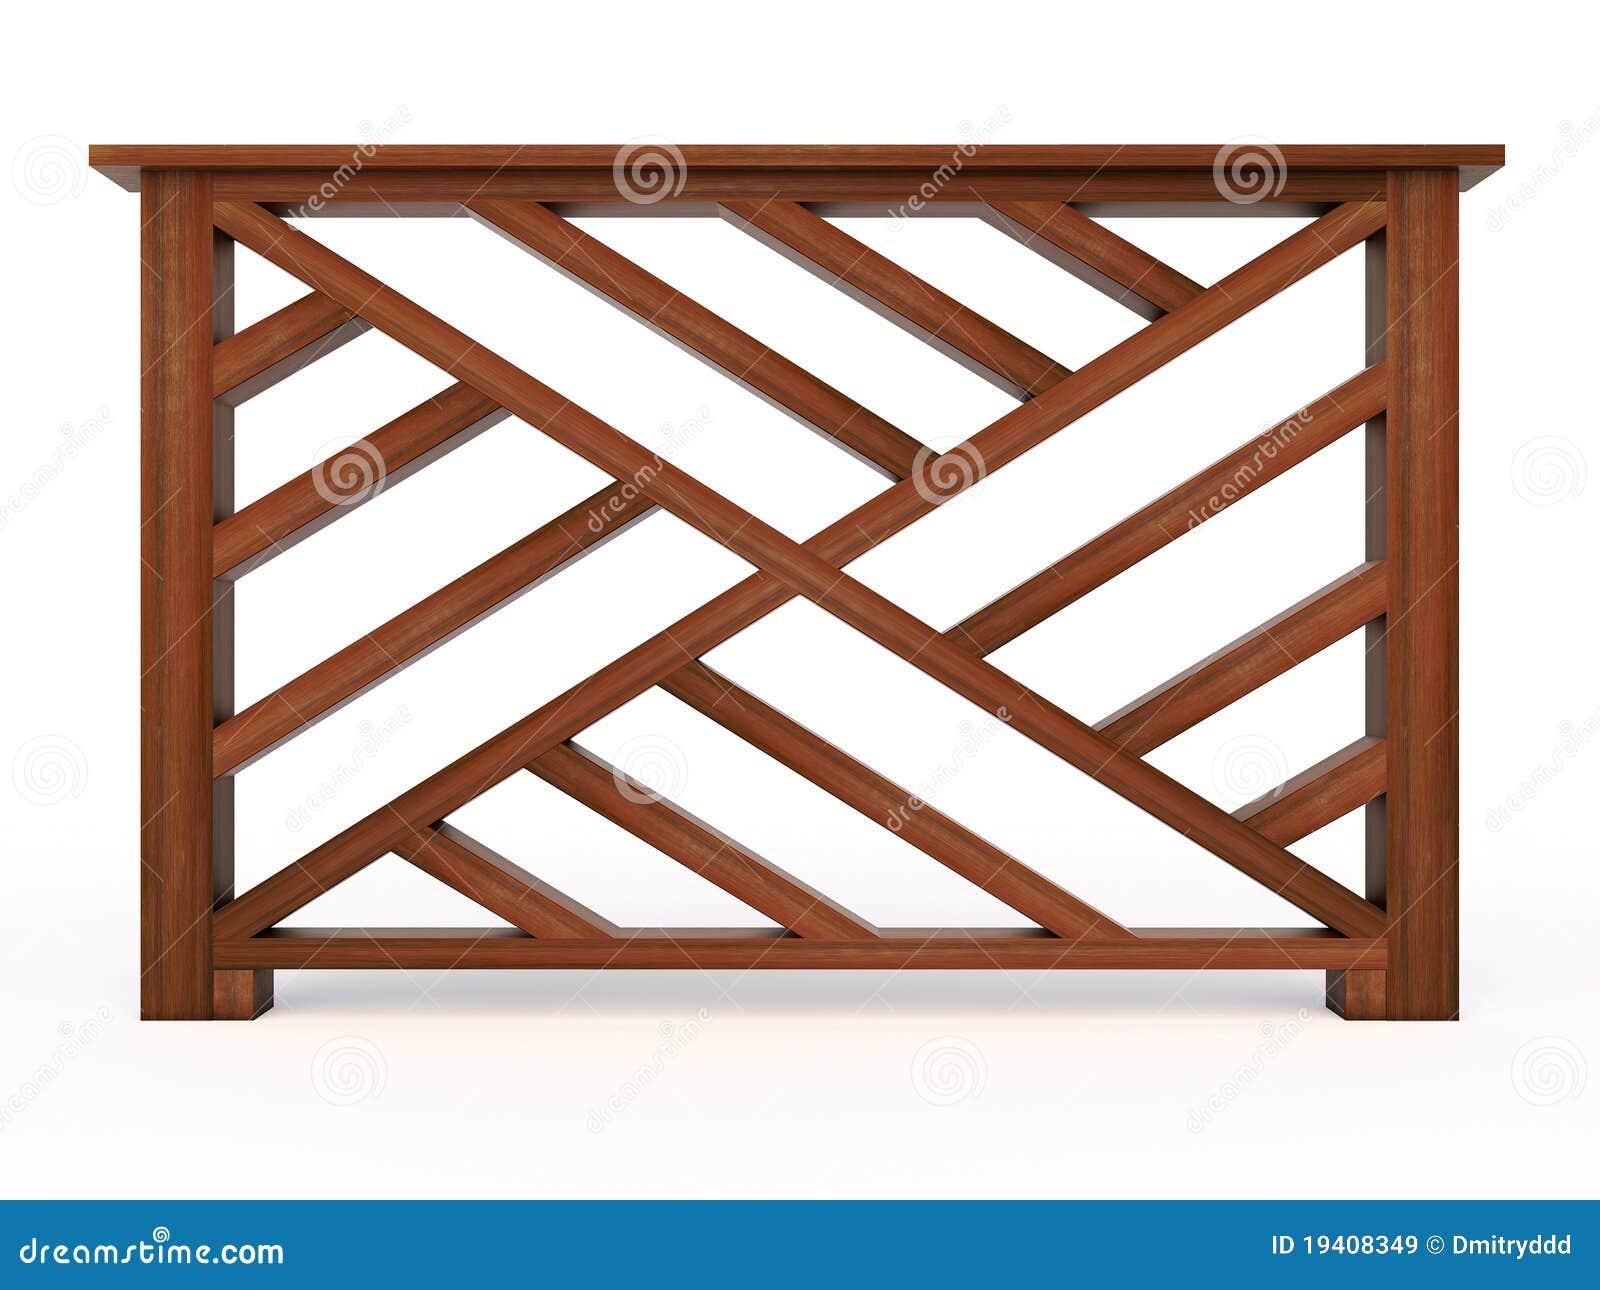 栏杆的支木设计的栏杆图片